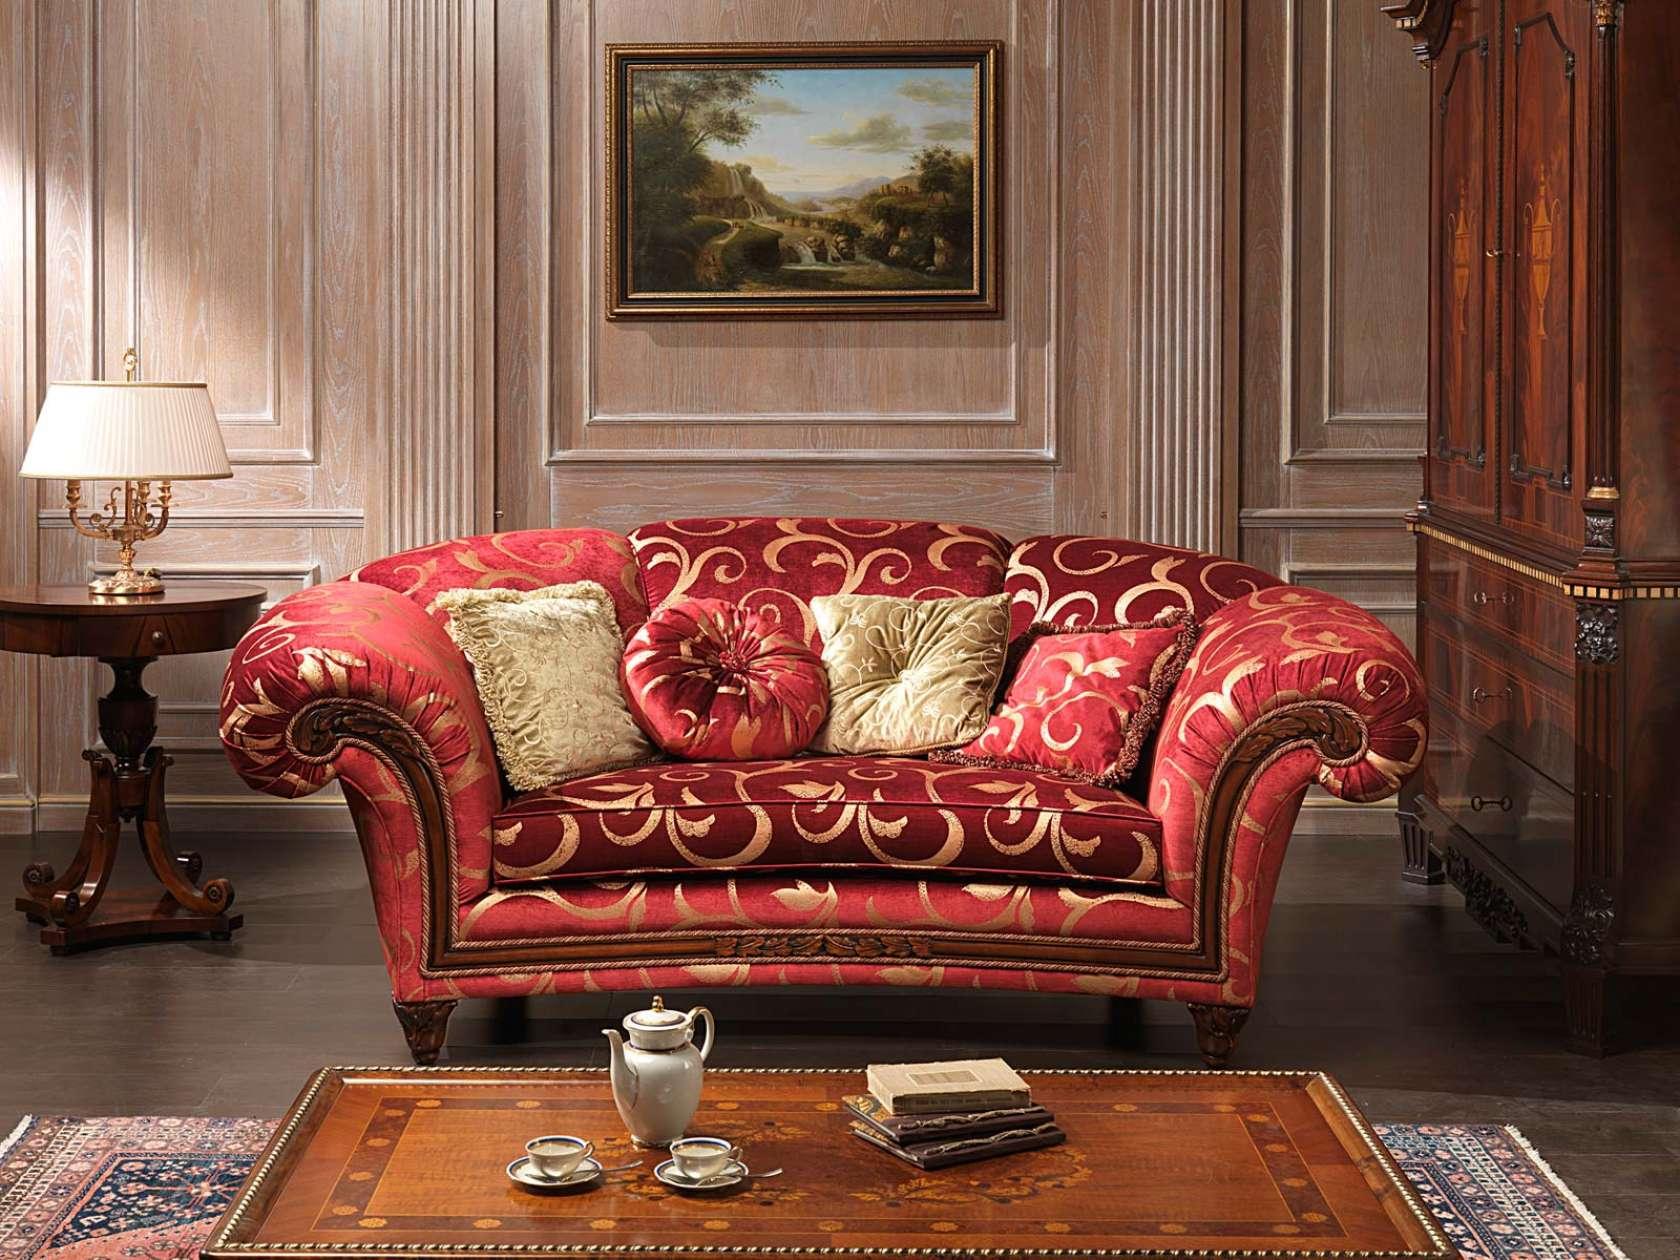 Classic Sofa Palace And Table Vimercati Classic Furniture